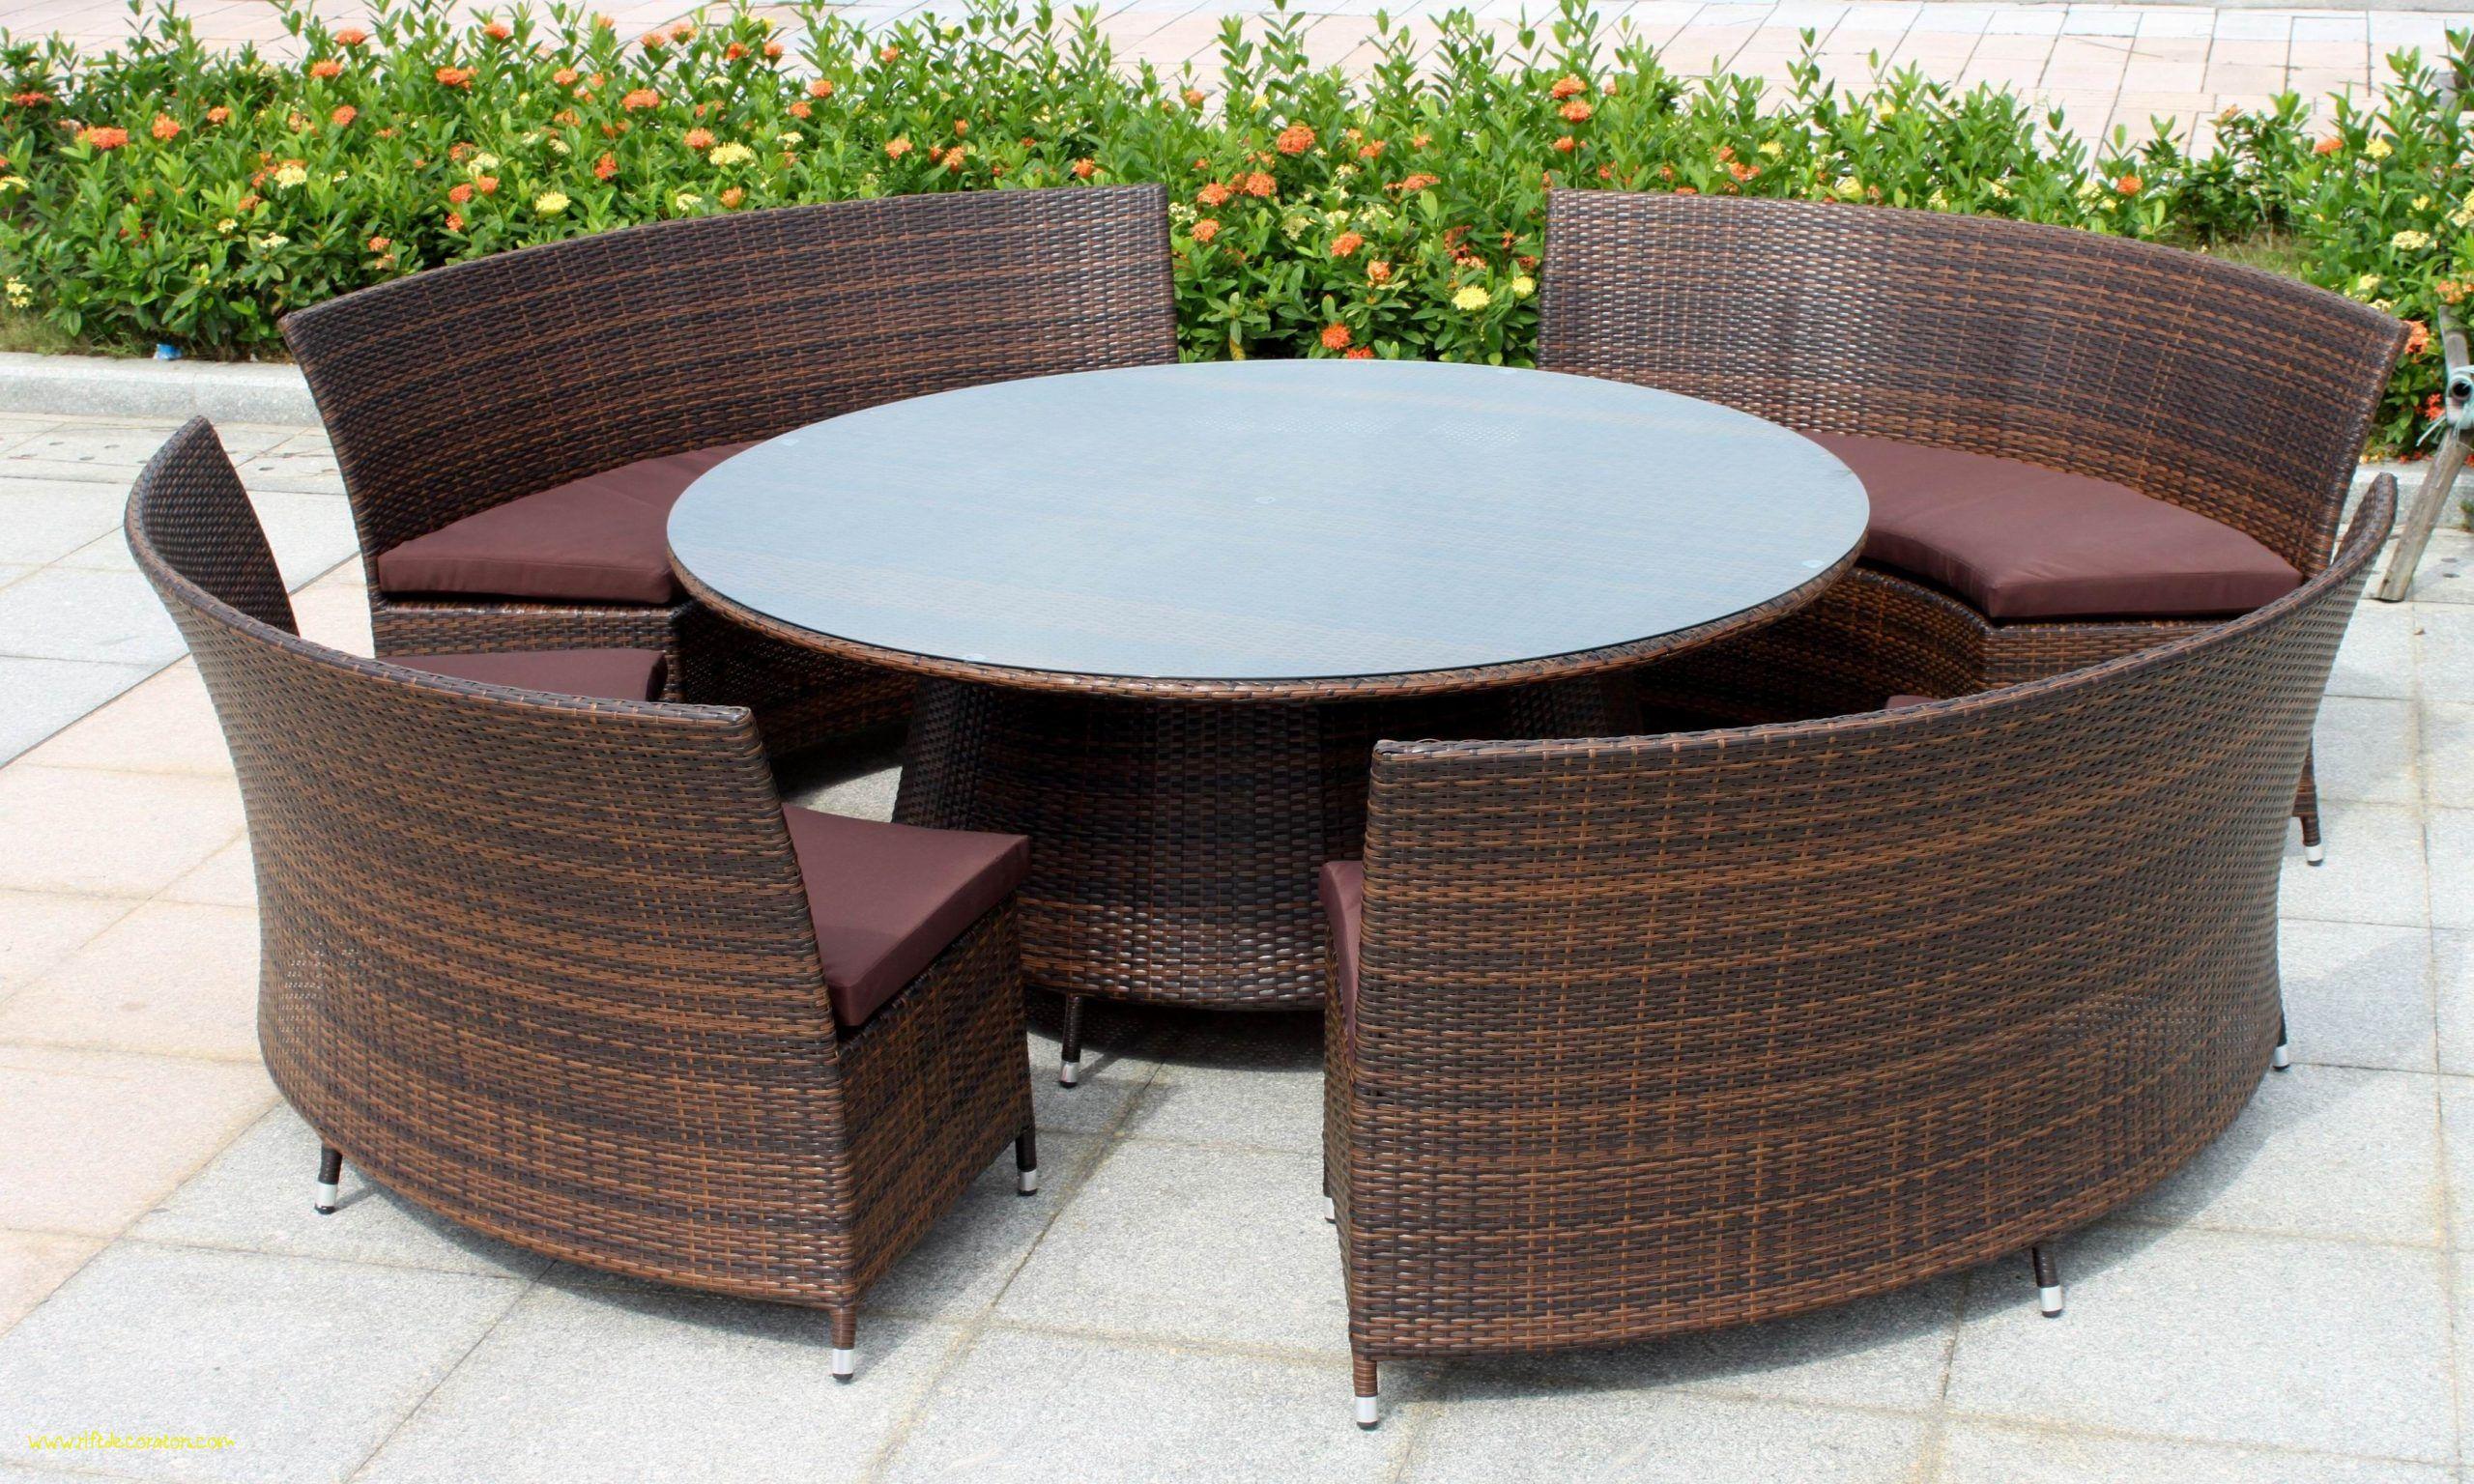 20 New Rattan Garden Furniture Round Table Sets Furniture Round